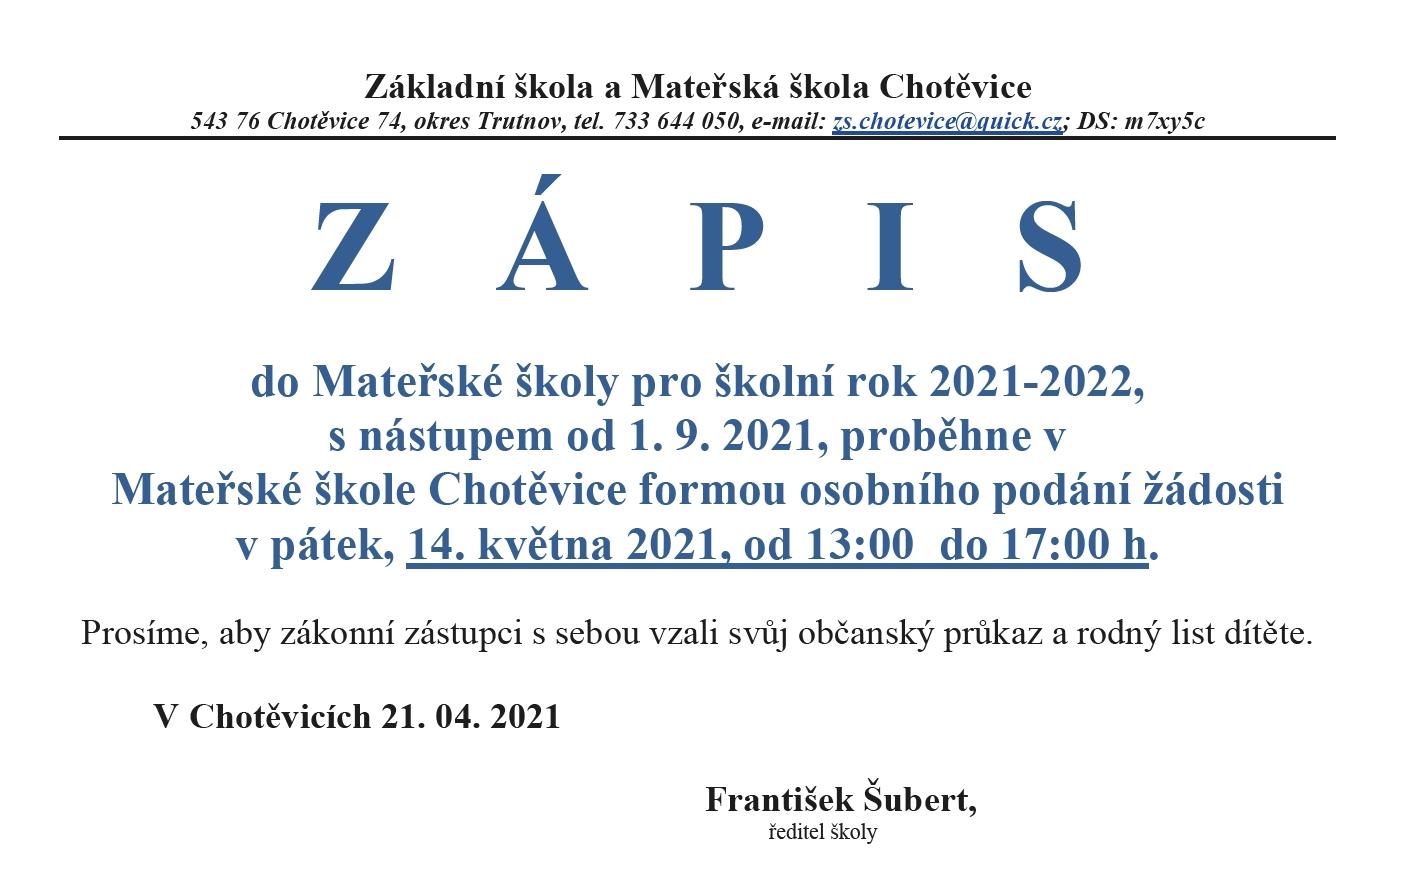 You are currently viewing Zápis do Mateřské školy pro školní rok 2021-2022